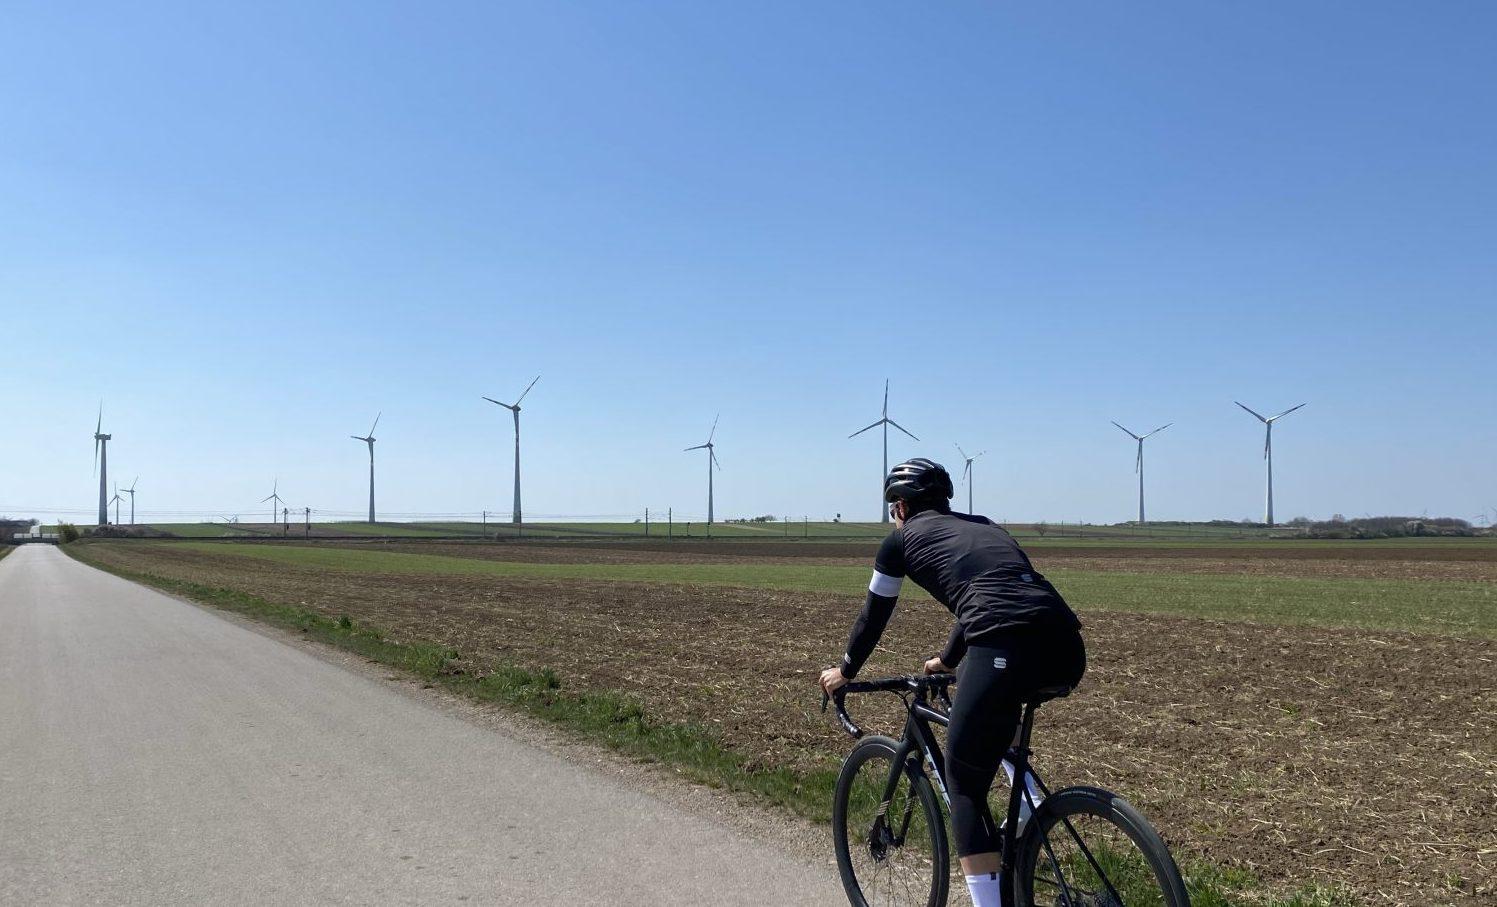 Radrennfahrerin auf gerader Straße mit Windrädern im Hintergrund.